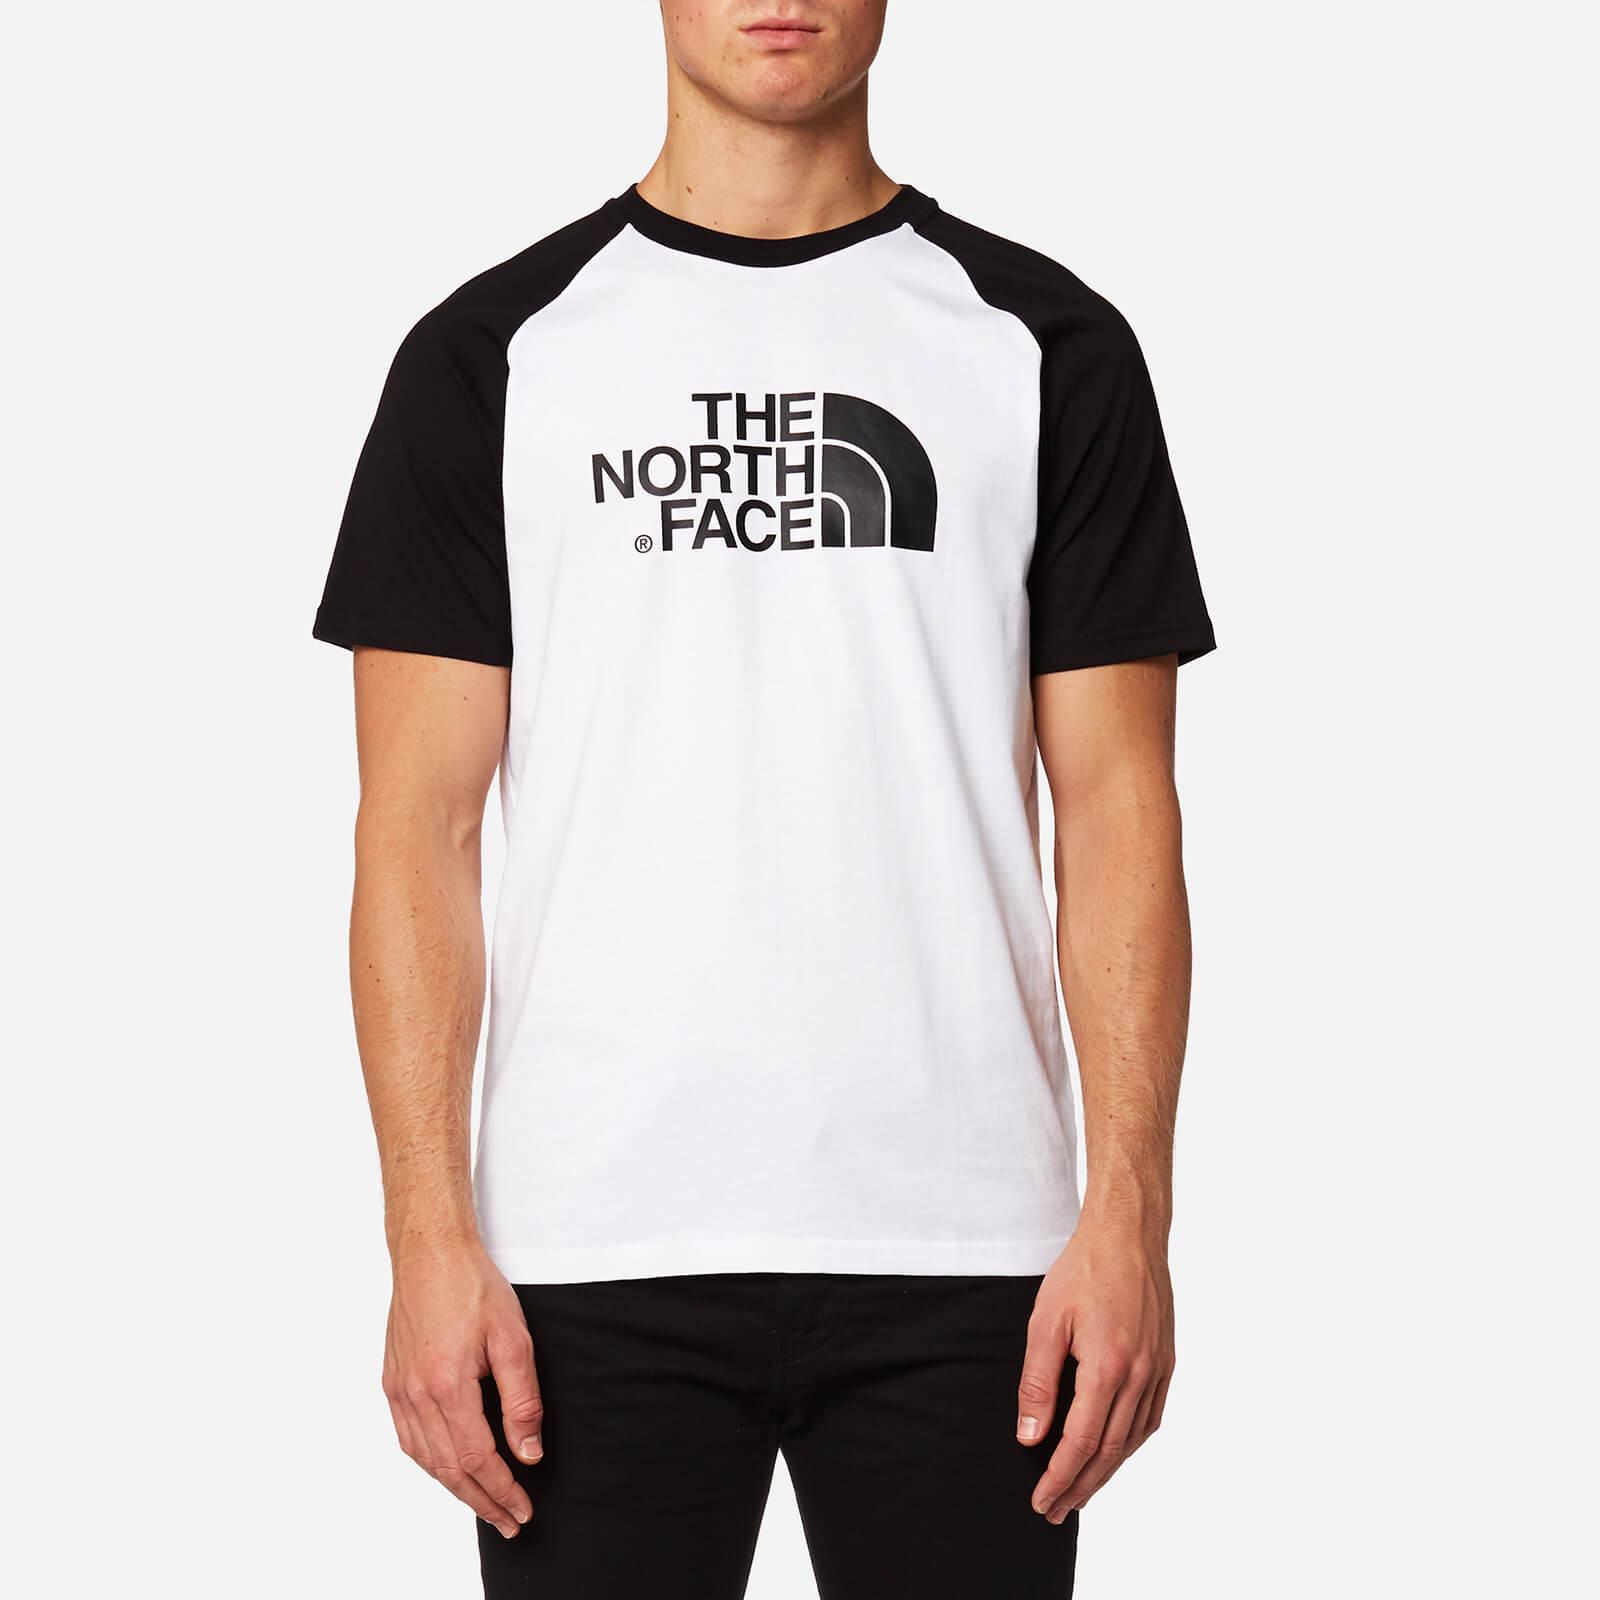 6c4d3e741 The North Face Men's Raglan Easy Short Sleeve T-Shirt - TNF White/TNF Black